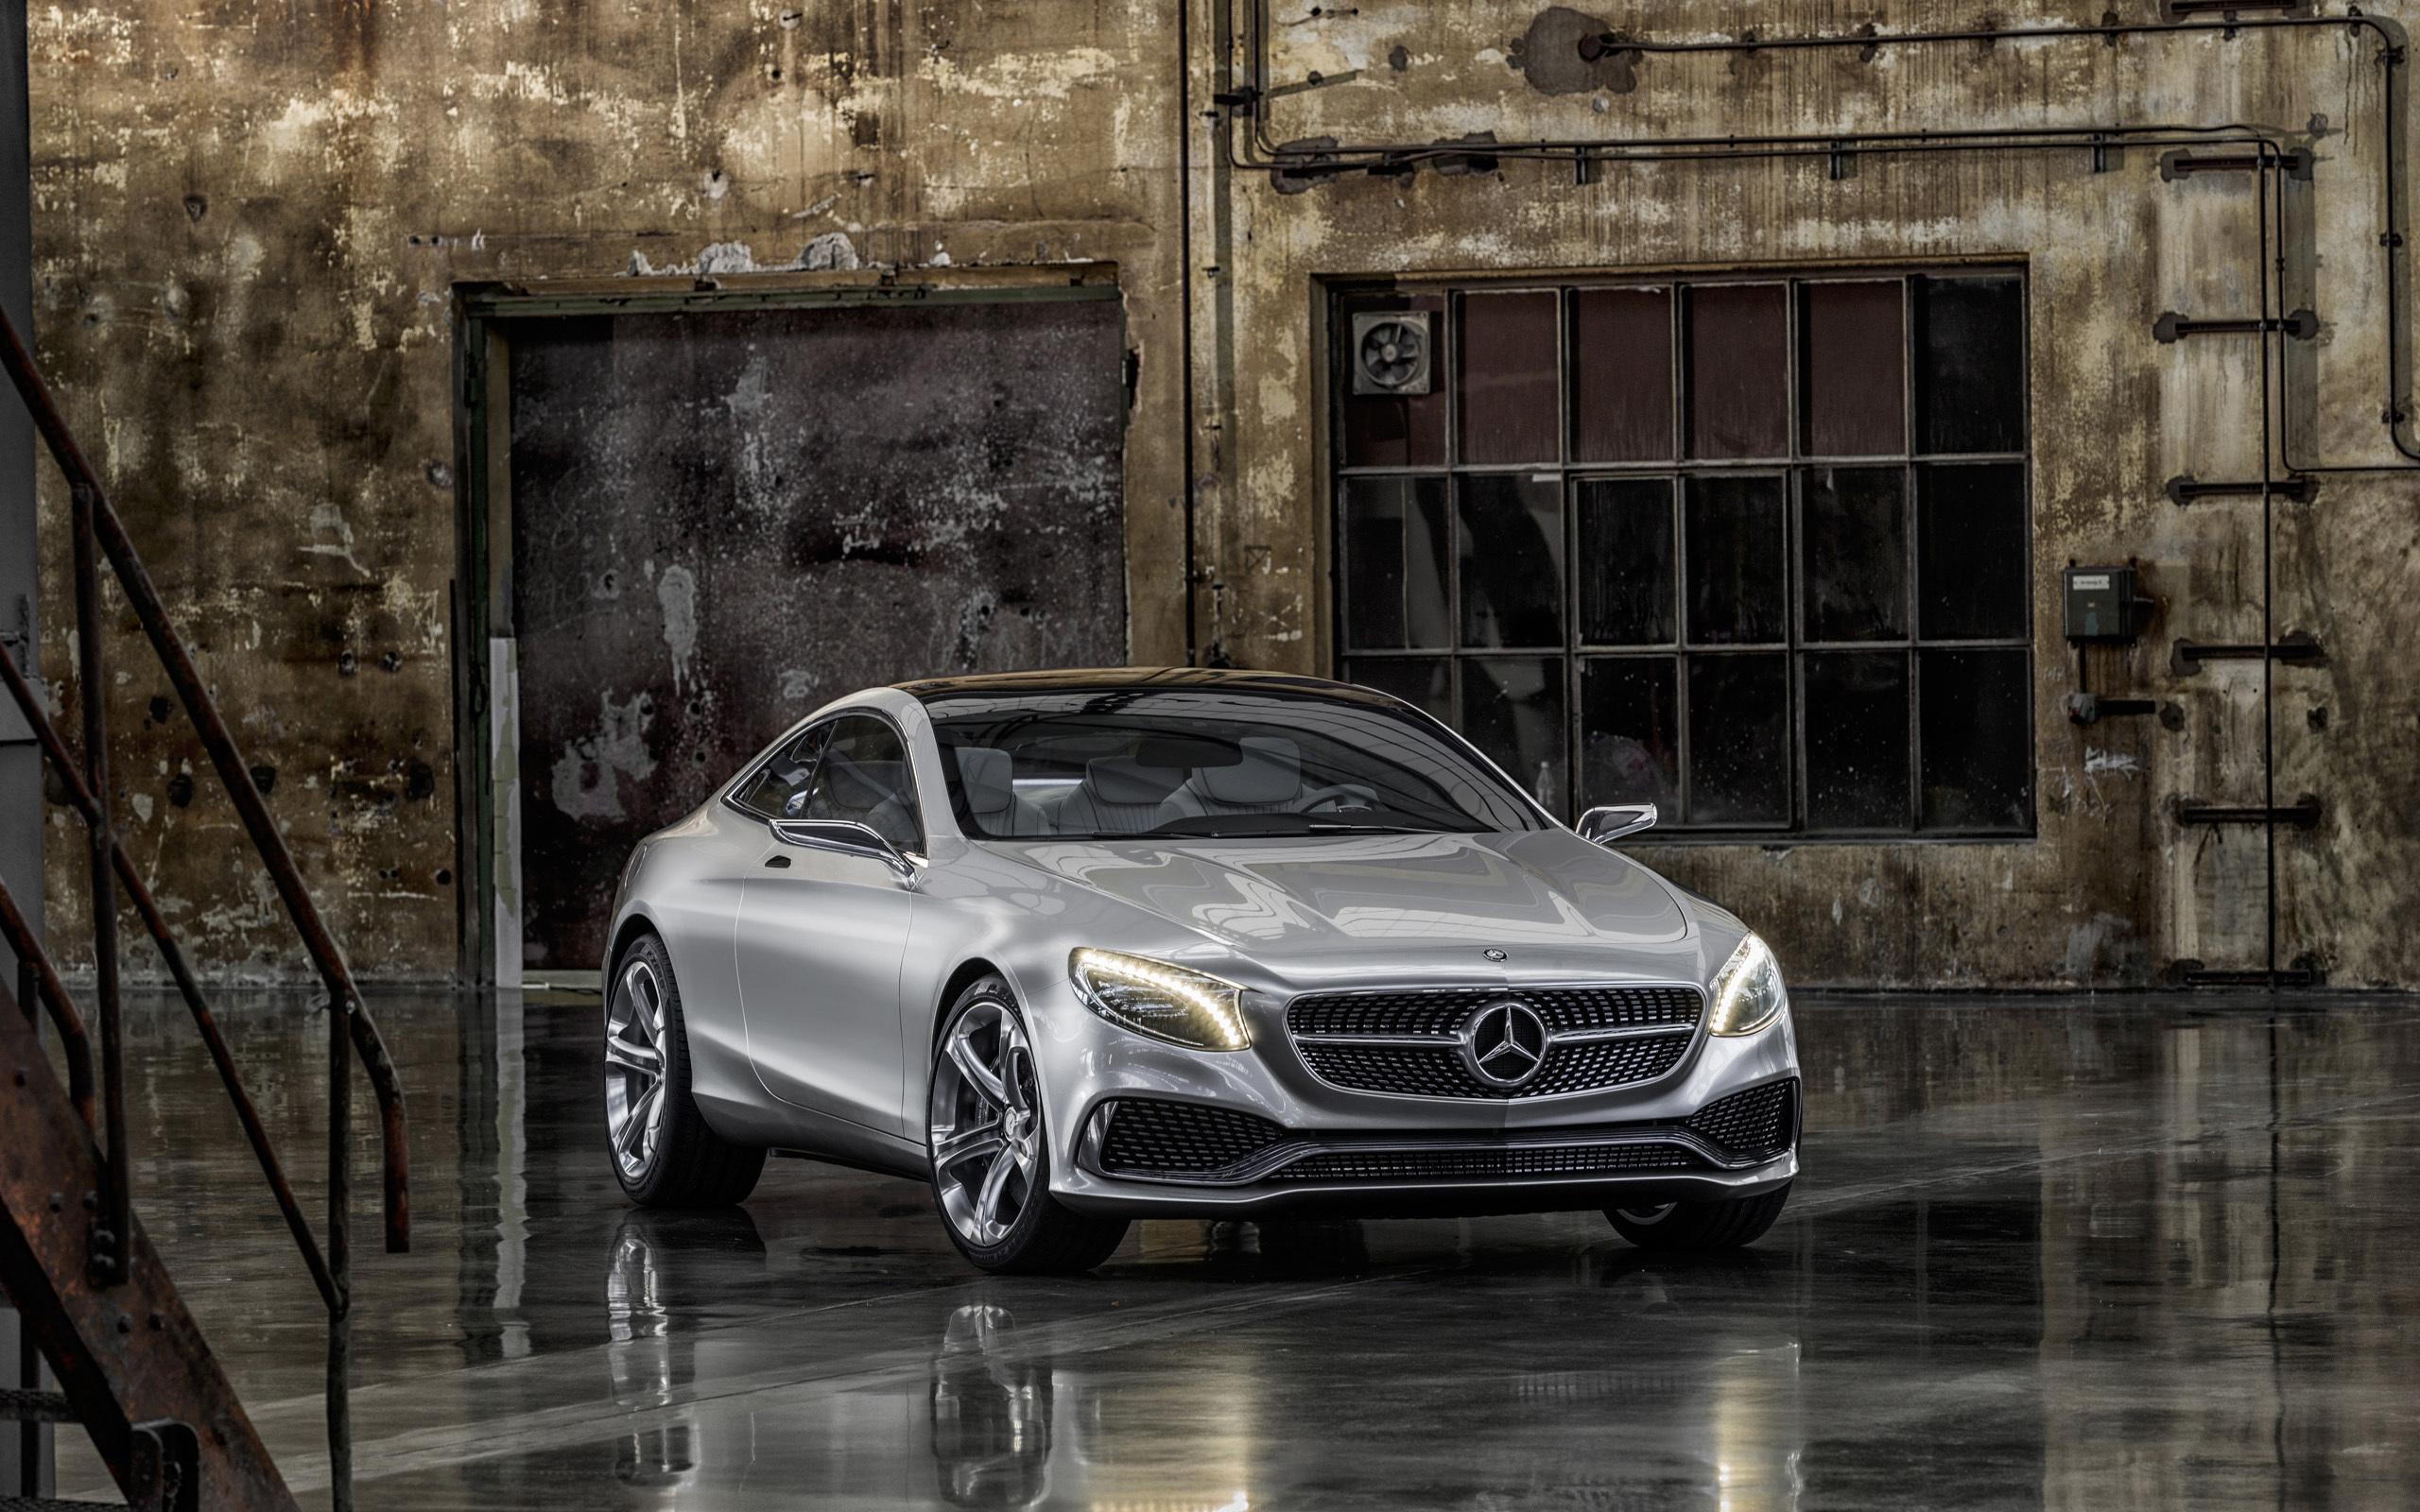 40836 скачать обои Машины, Мерседес (Mercedes) - заставки и картинки бесплатно